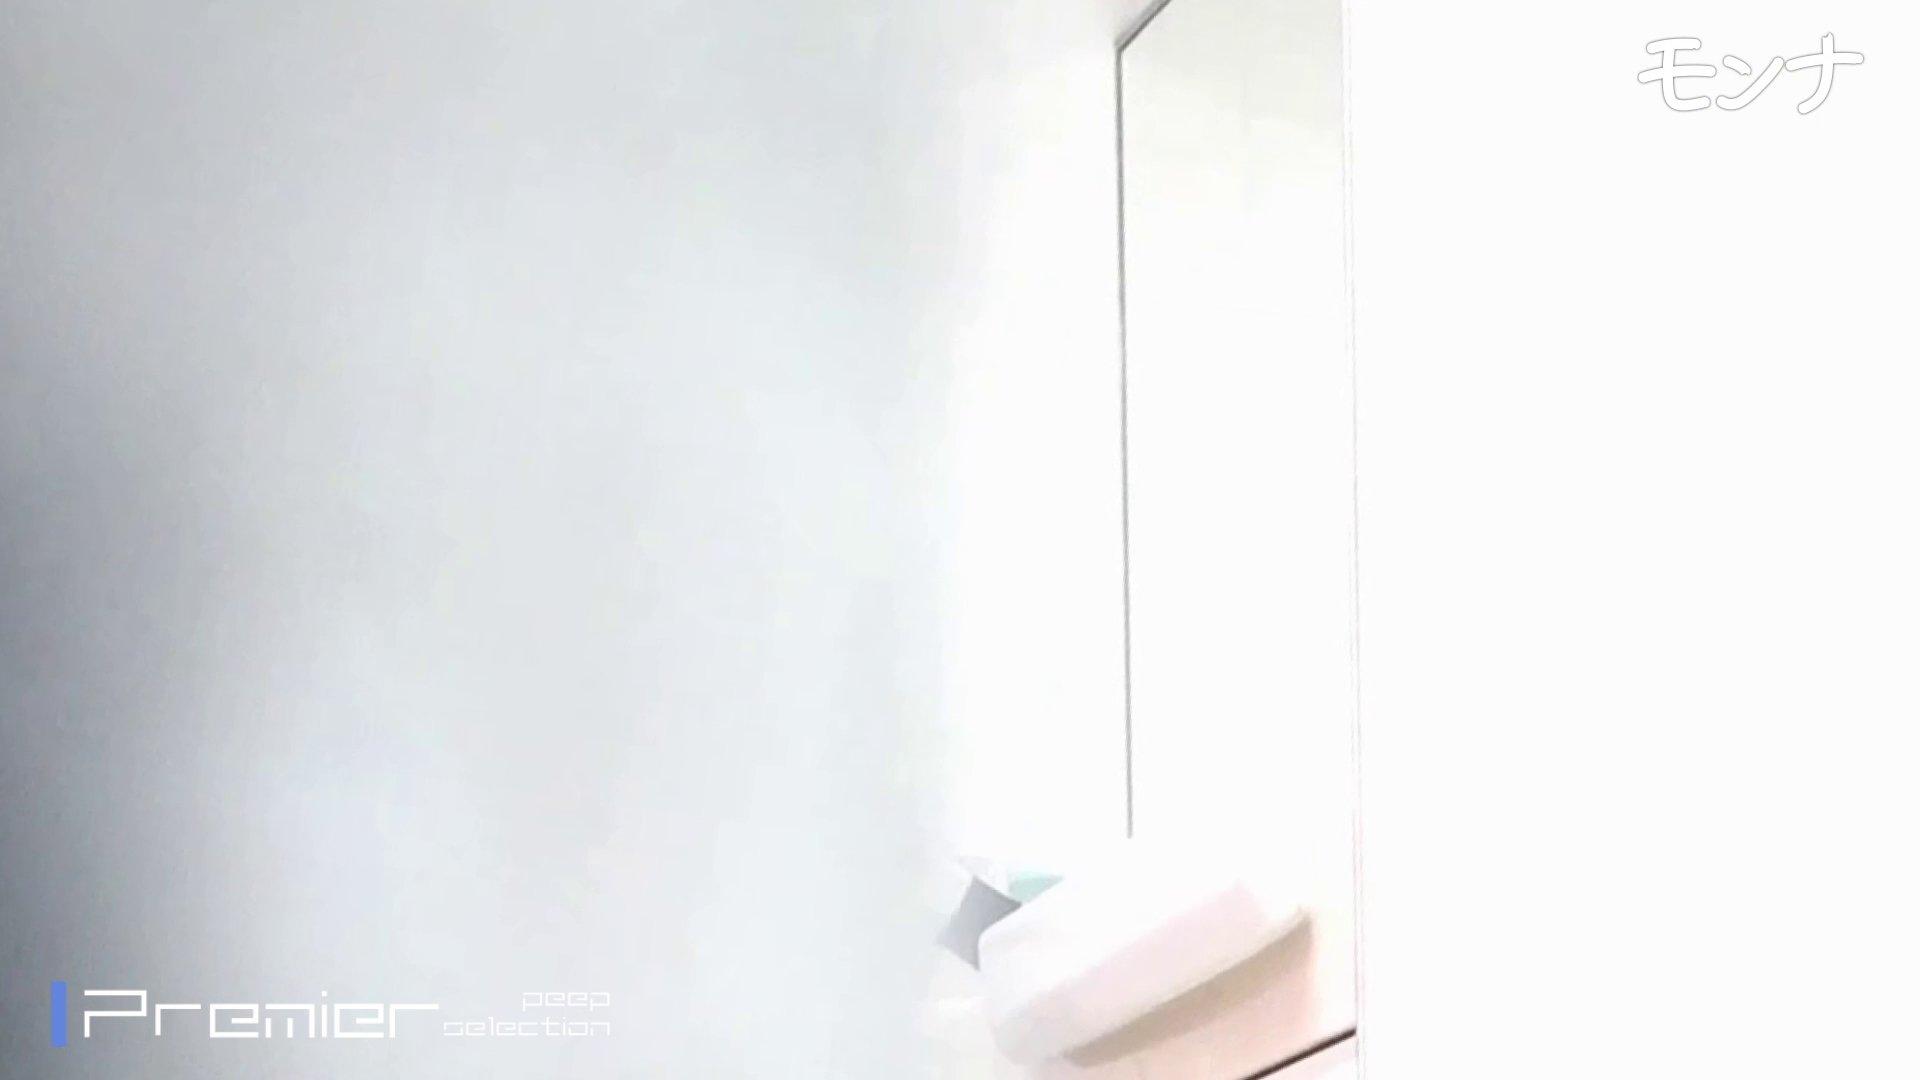 CM 悶絶シリーズ5 【美しい日本の未来 No.128】 おまんこ無修正  100PIX 52